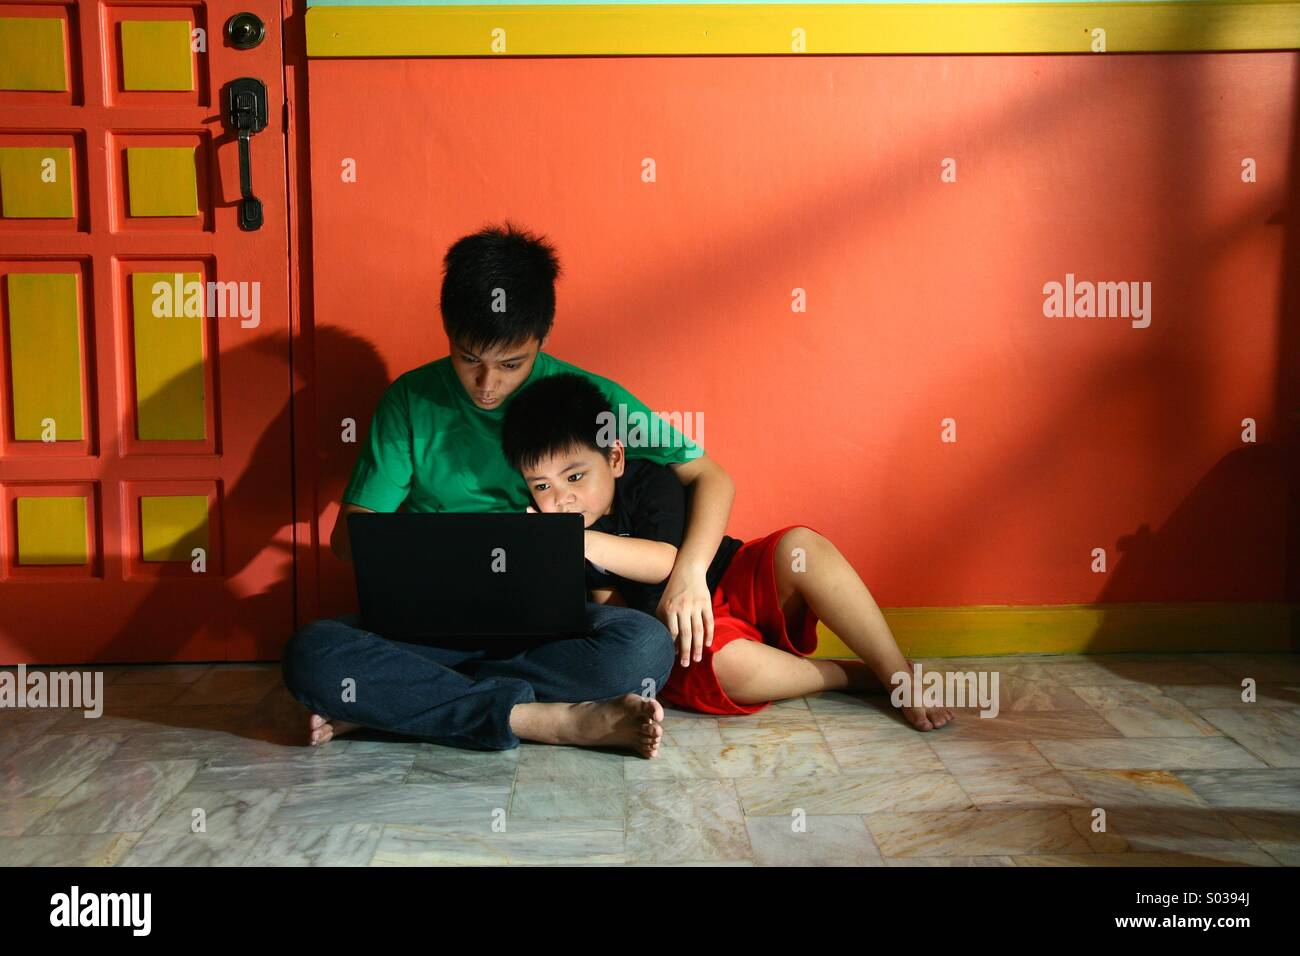 Les jeunes enfants d'Asie, ou de frères et sœurs, avec un ordinateur portable dans un salon vide Photo Stock